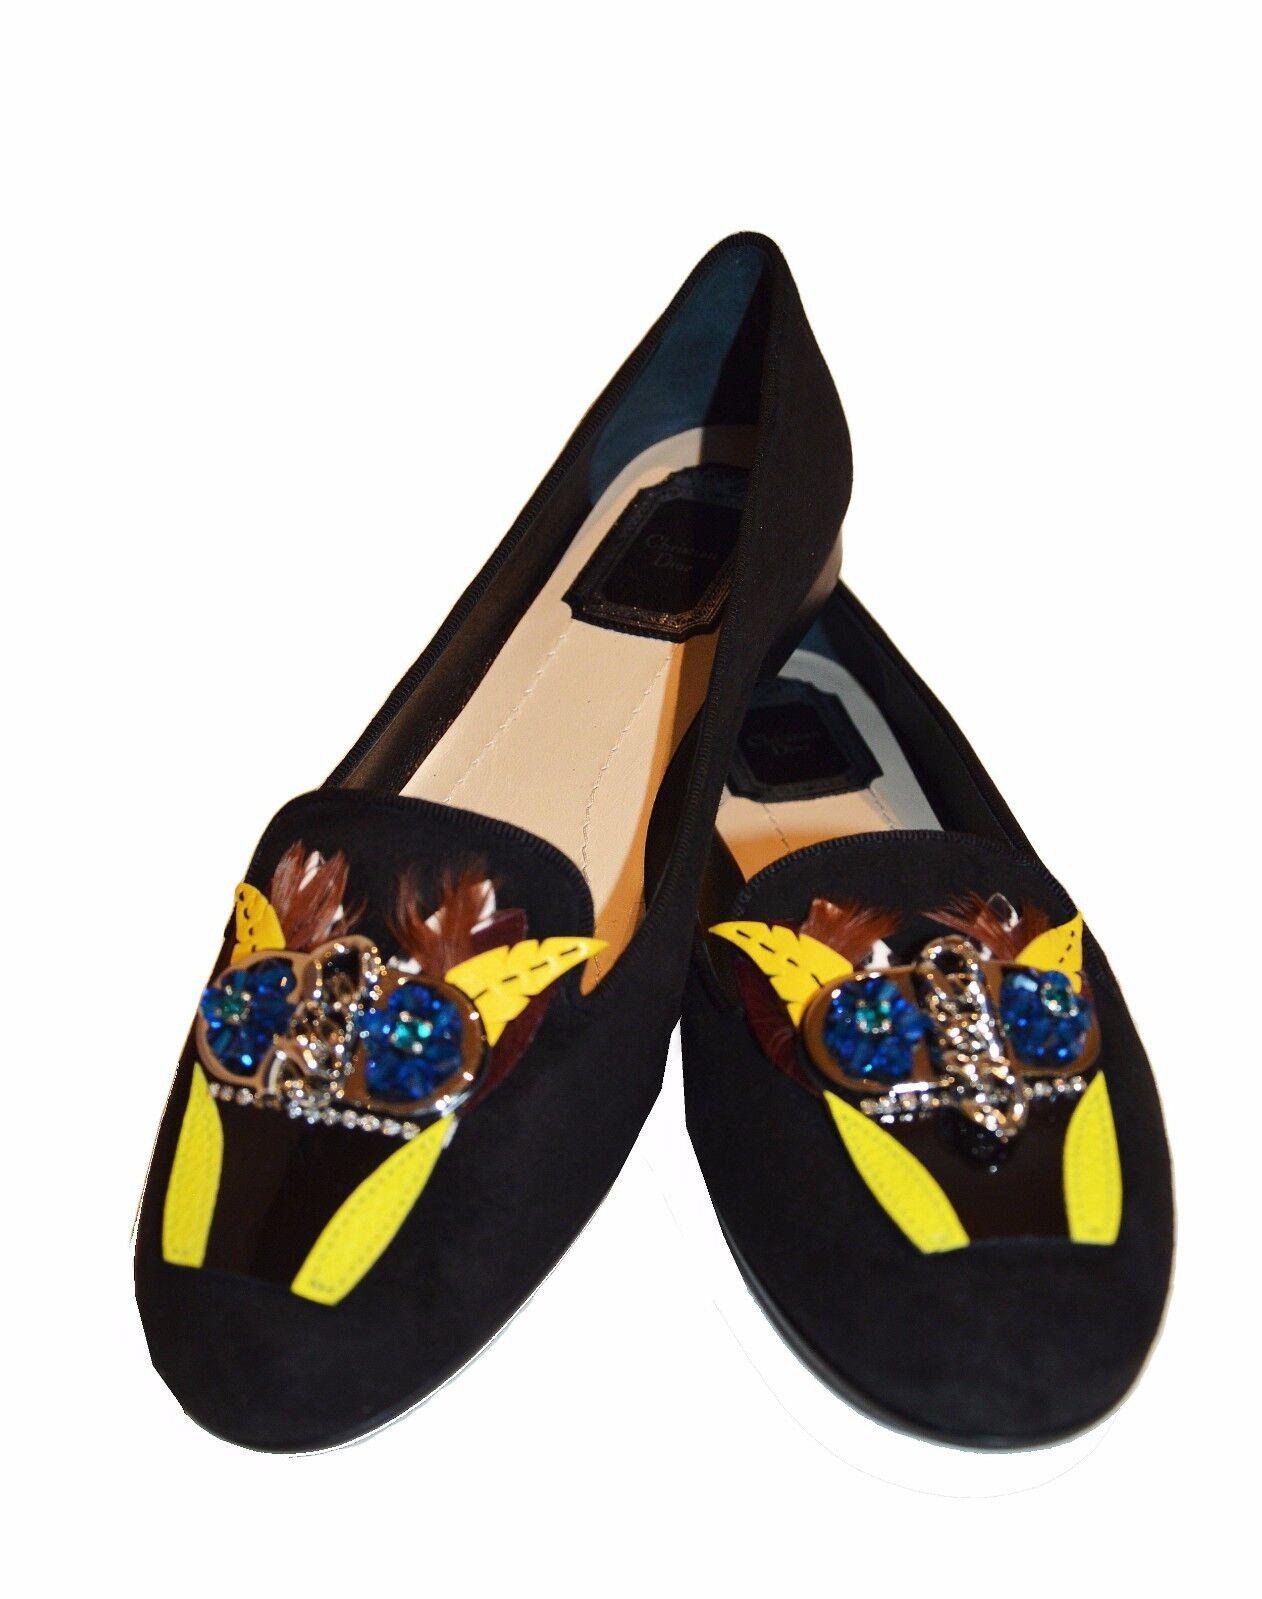 NEW DIOR crystal suede embellished embellished embellished slipper Ballets flats schuhe Sz. 37 schwarz 805642